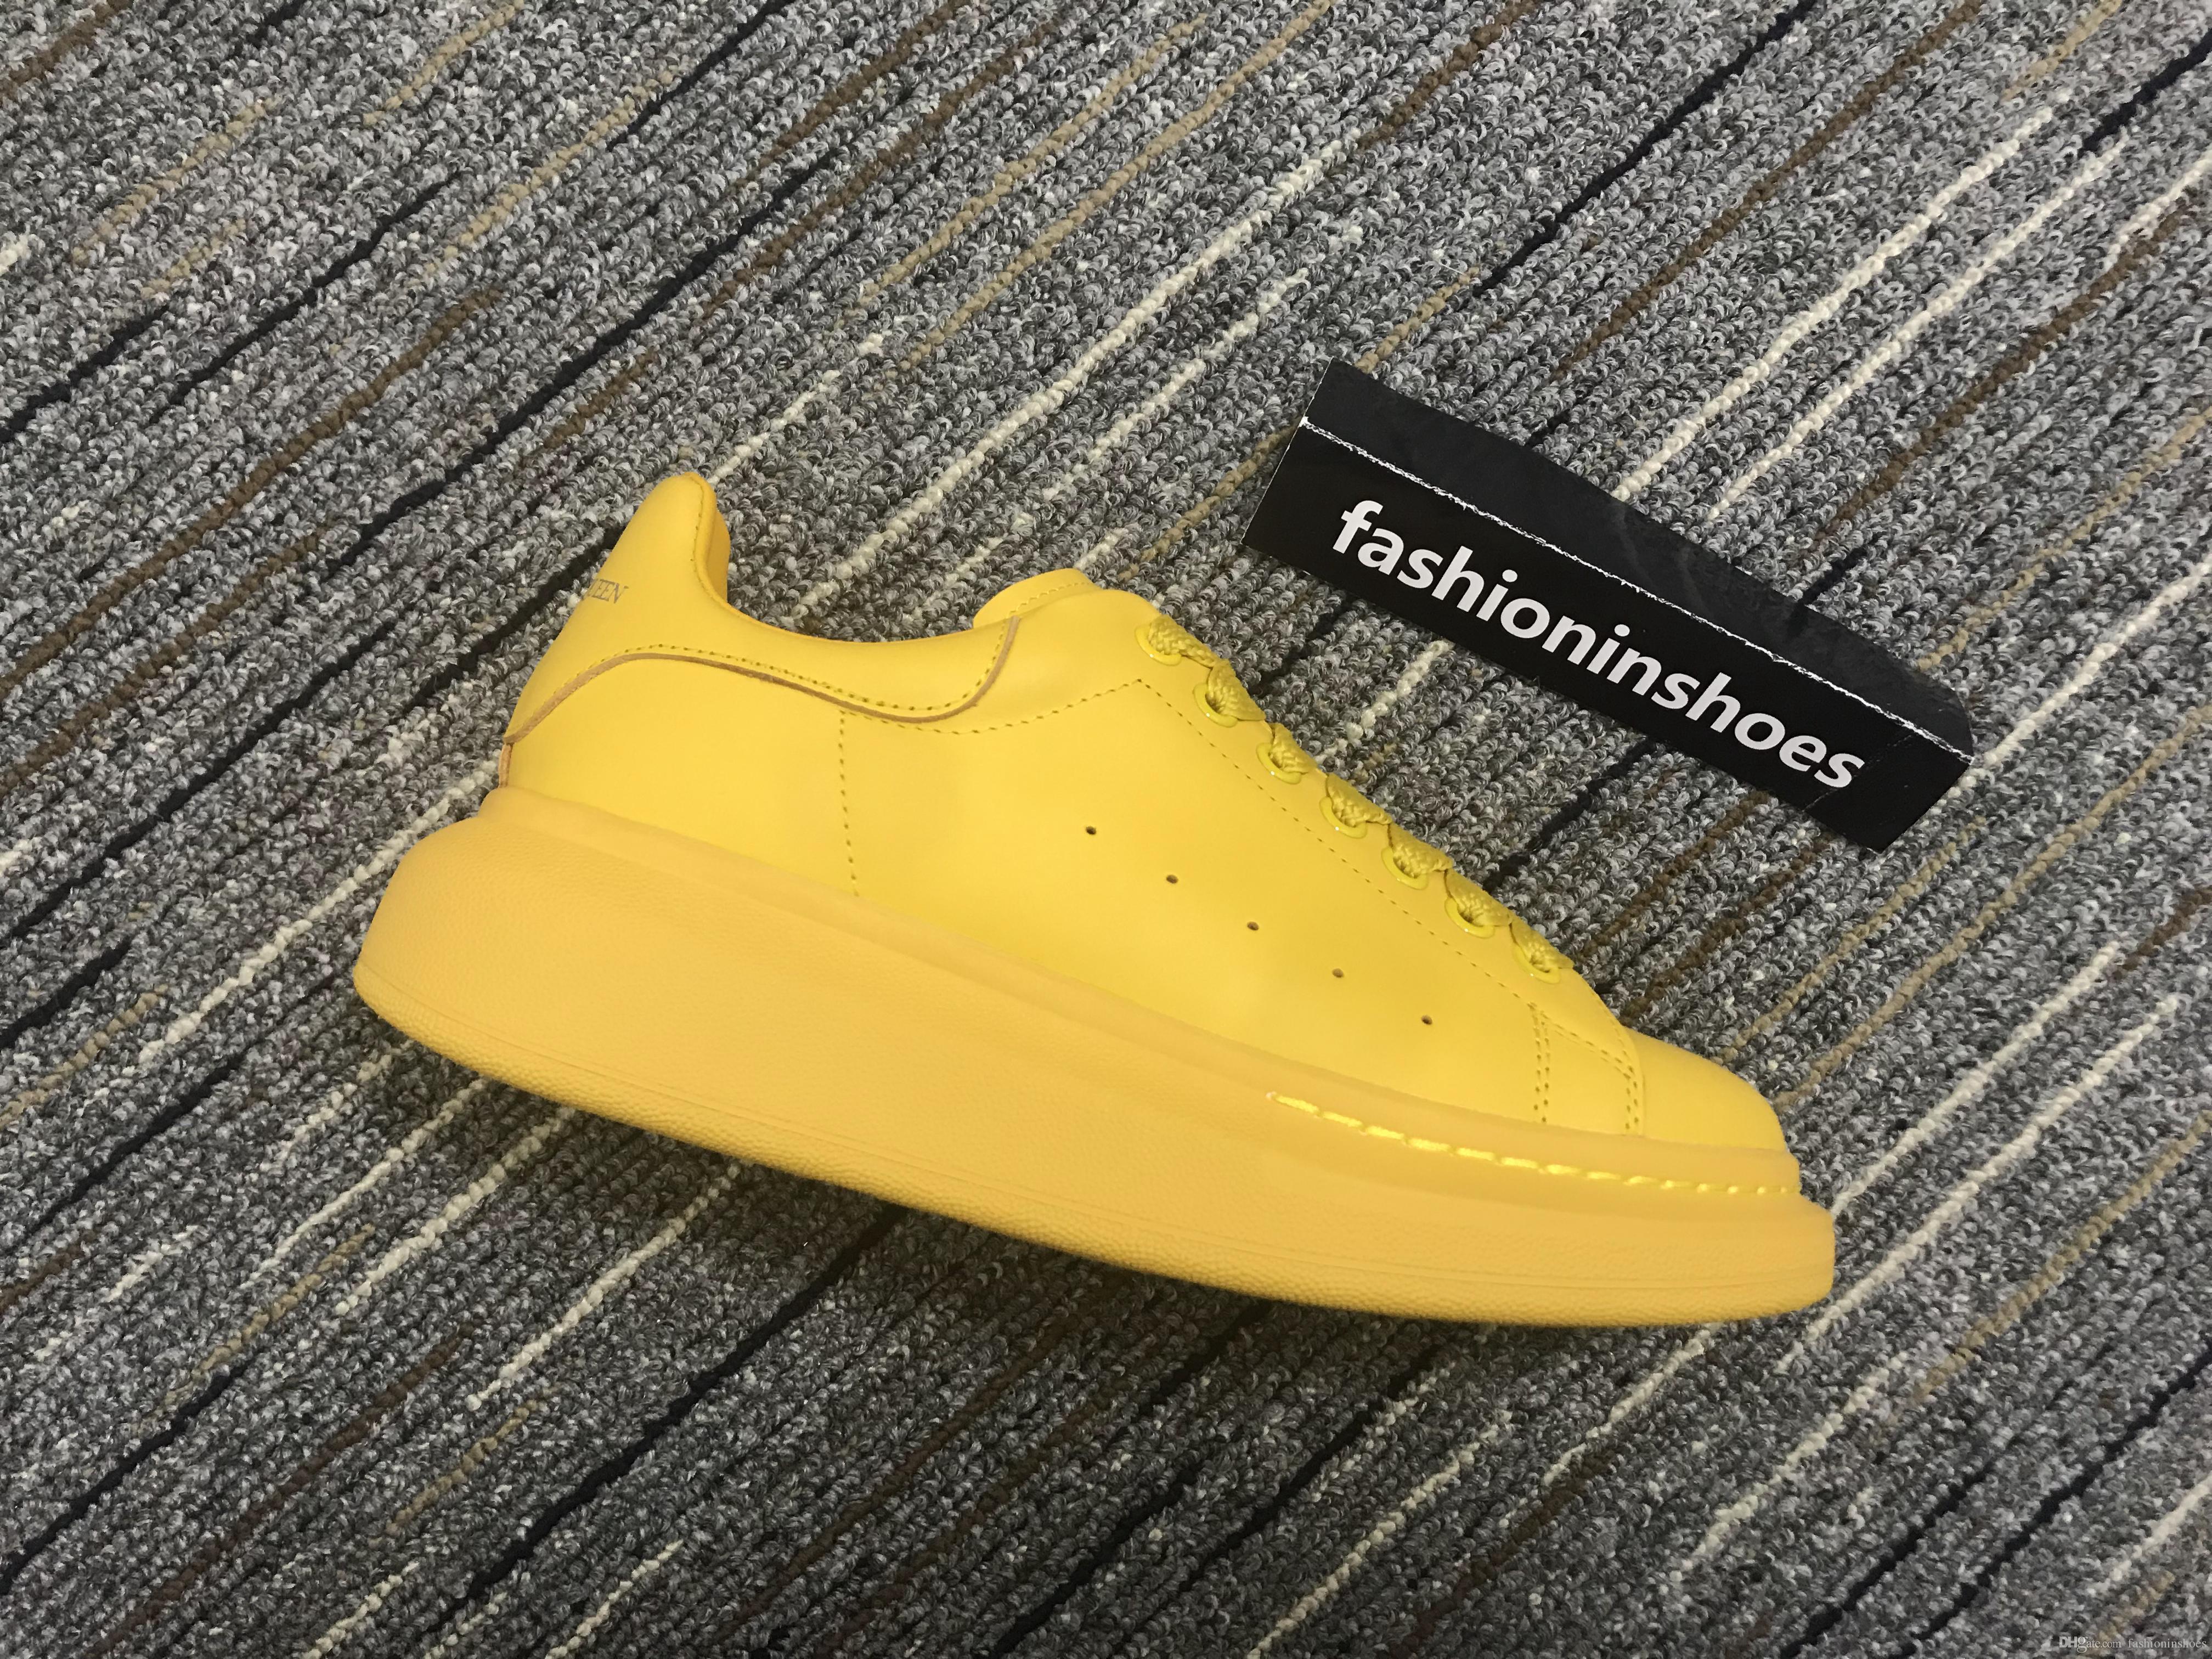 scarpe firmate inferiori rosse del Mens casuali scarpe da sposa partito gz piattaforma scarpa da tennis di grandi dimensioni fuori aria bianca Kanye epoca corridore cc allenatore 35-46